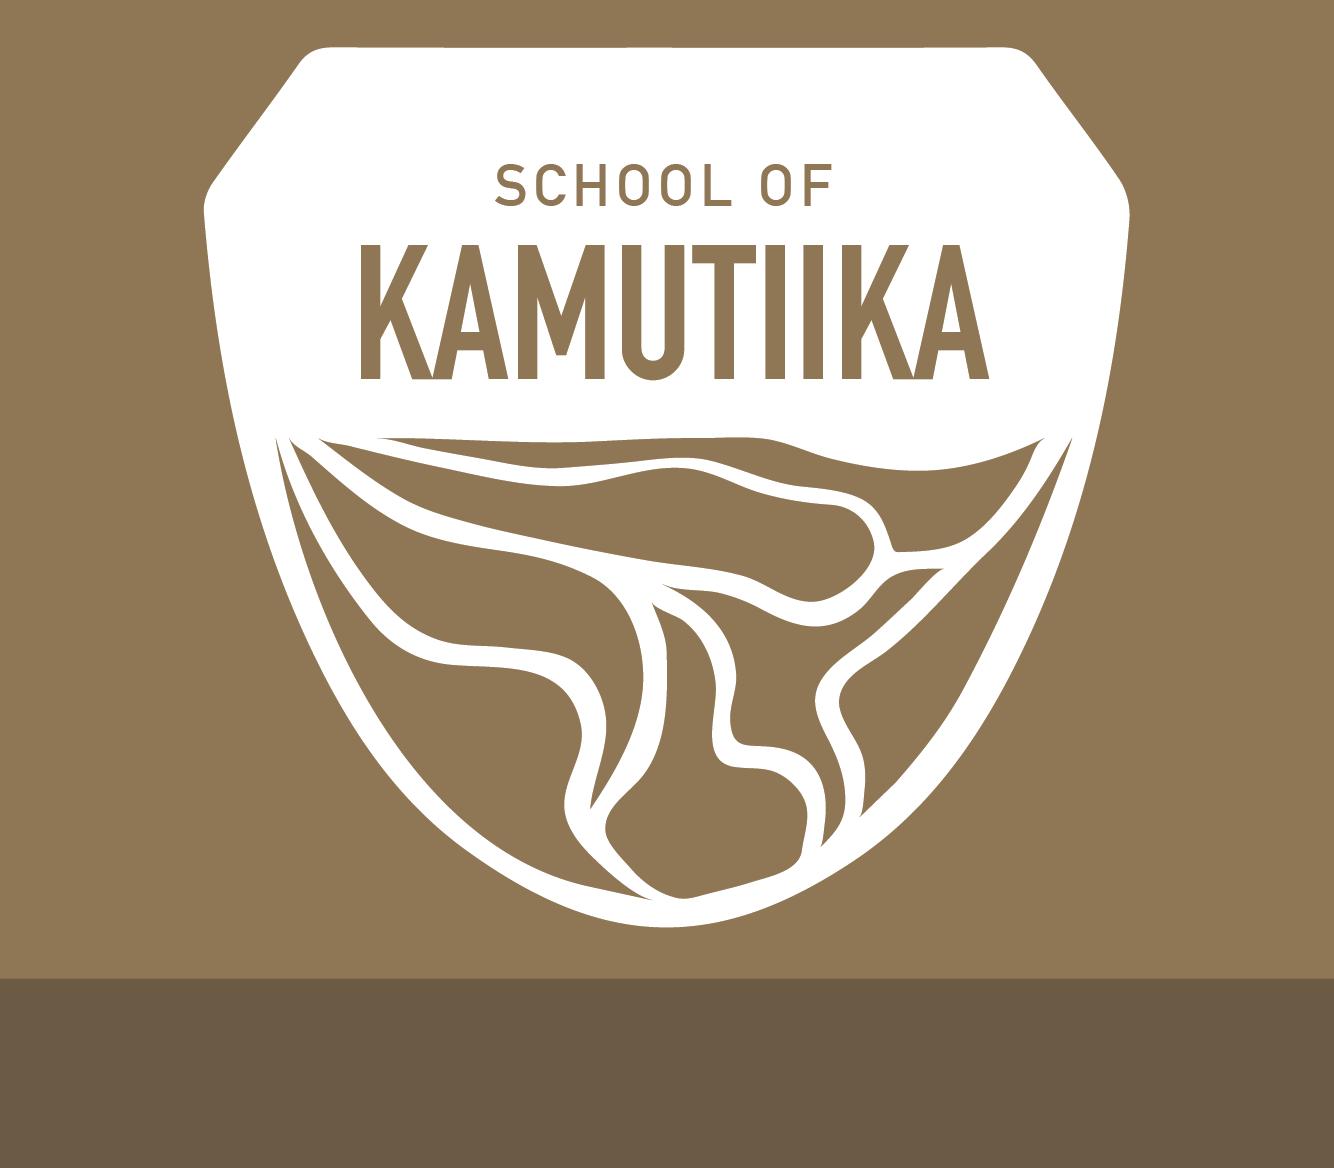 School of kamutiika